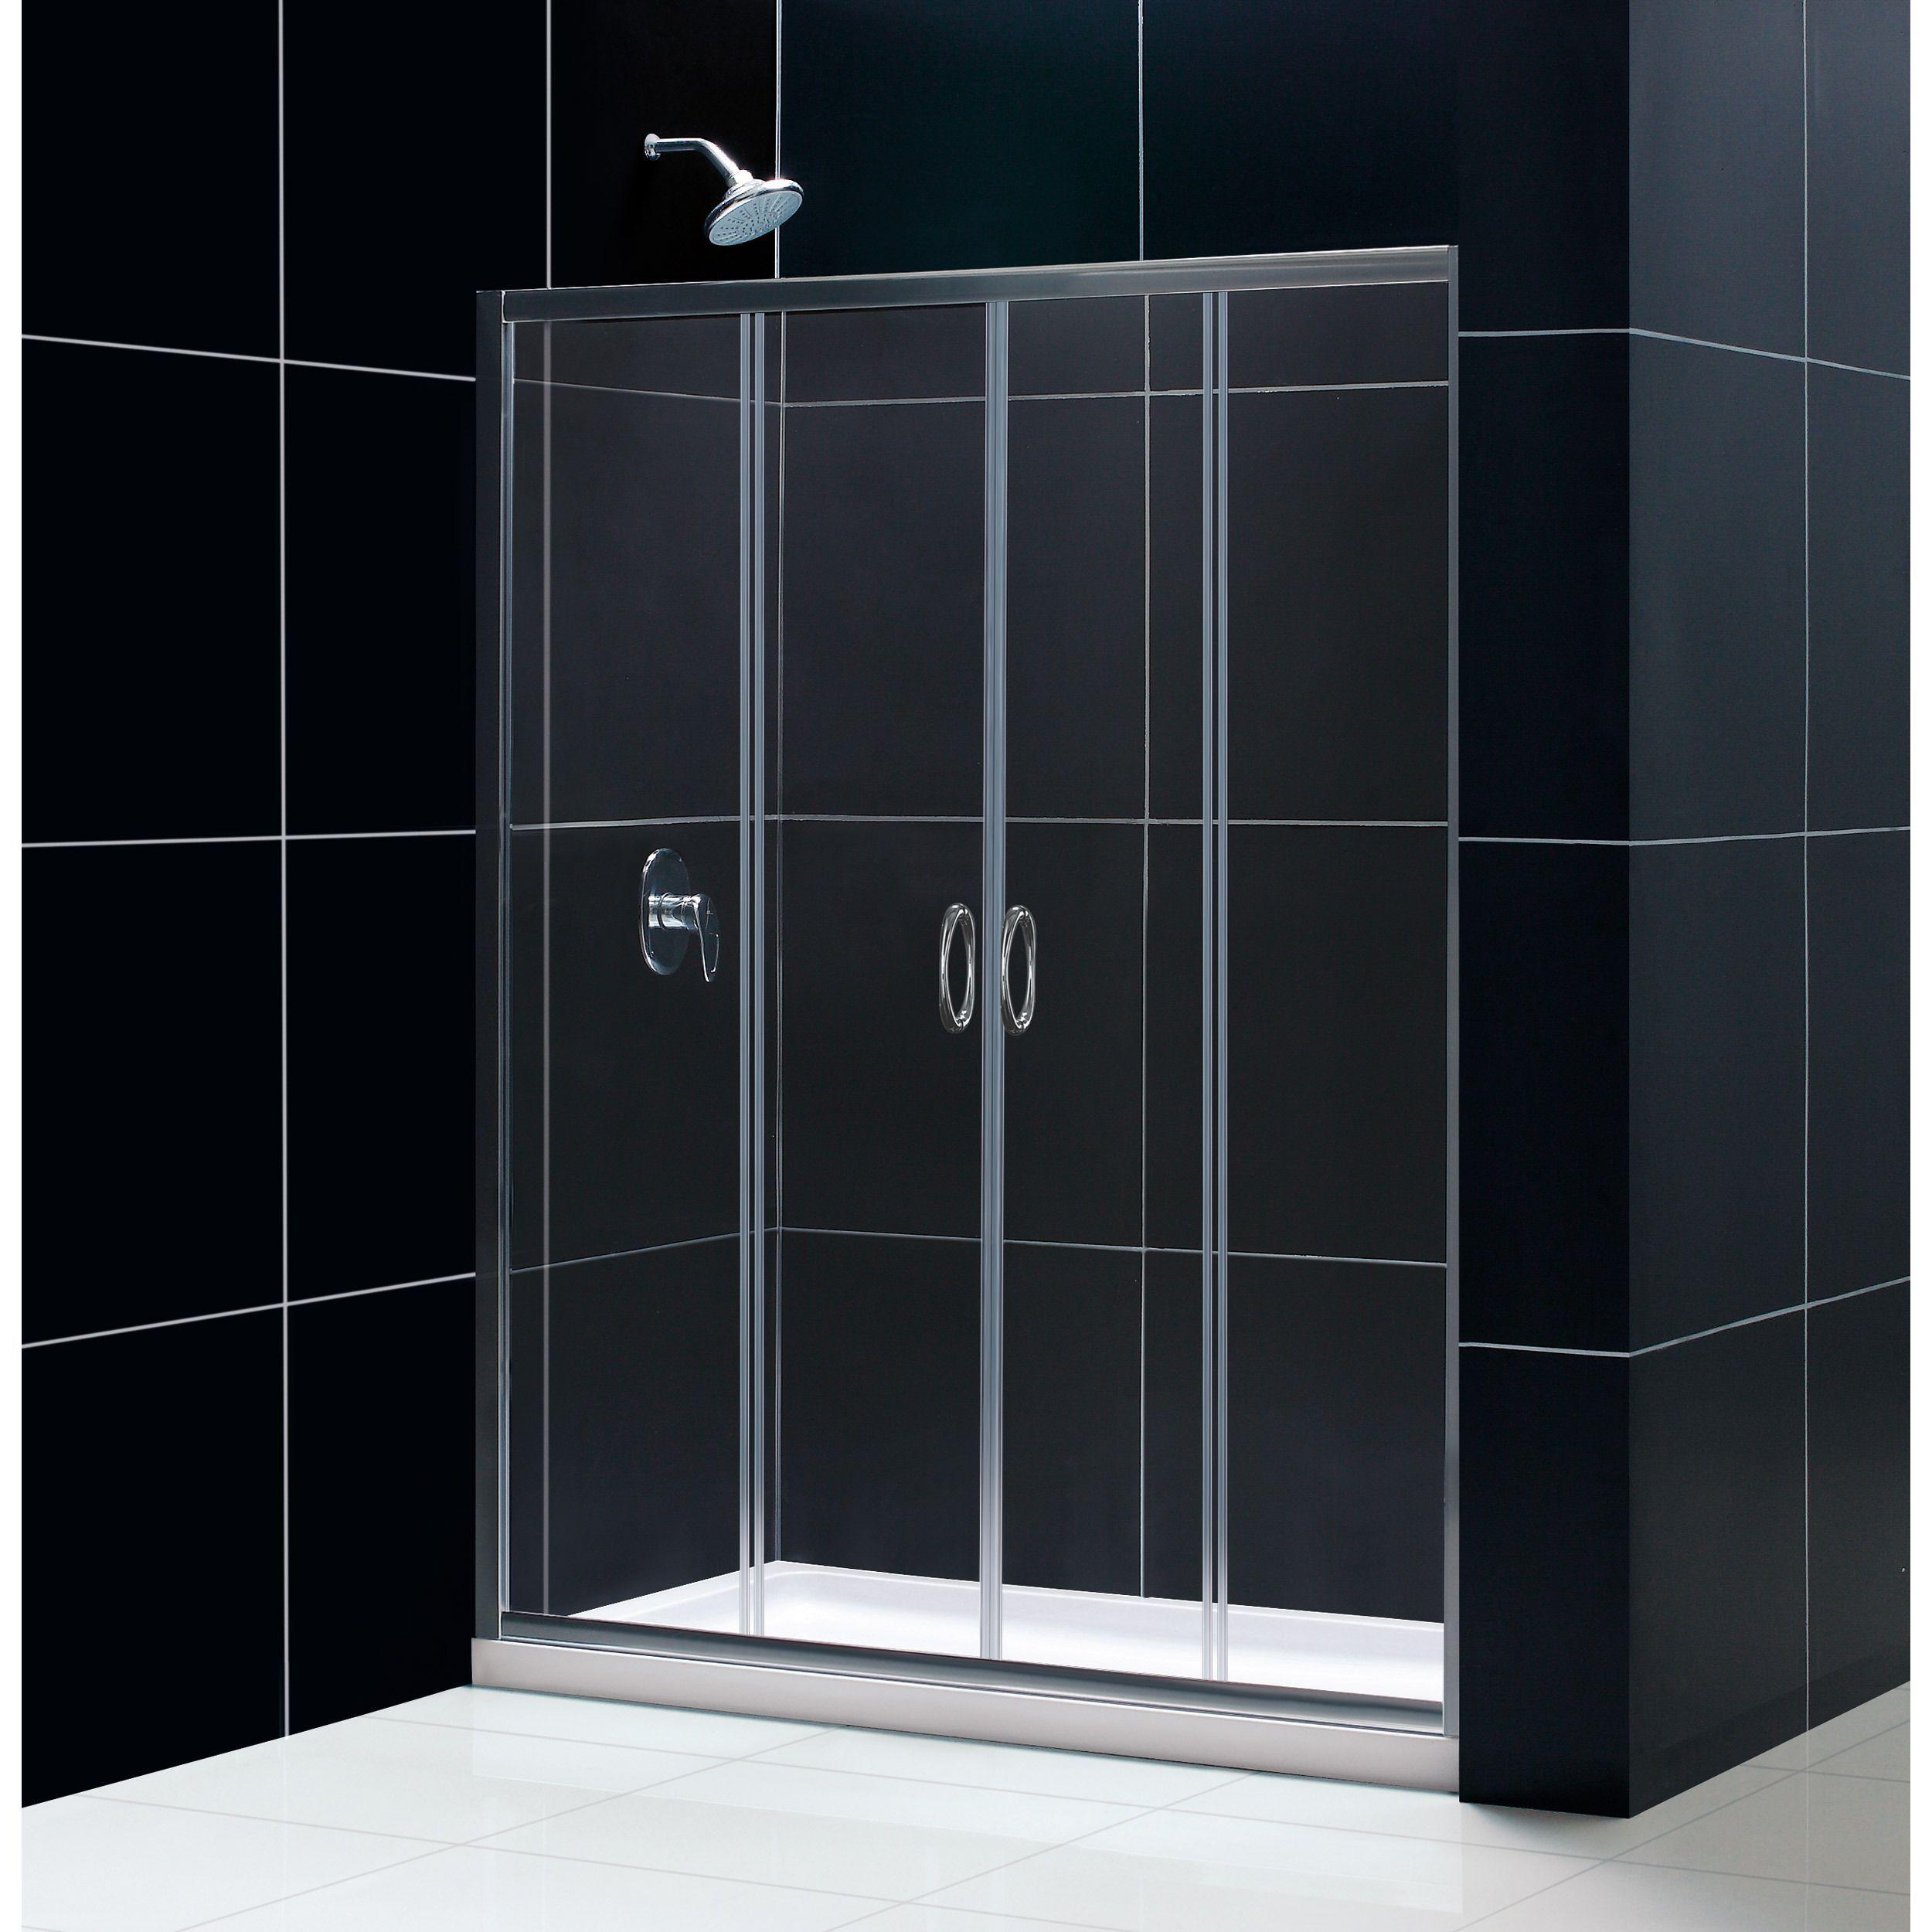 Lesscare clear glass shower door ultra b 44 48 wide x 76 high chrome - Dreamline Visions Frameless Sliding Shower Door 32 X 60 Inch Single Threshold Shower Base